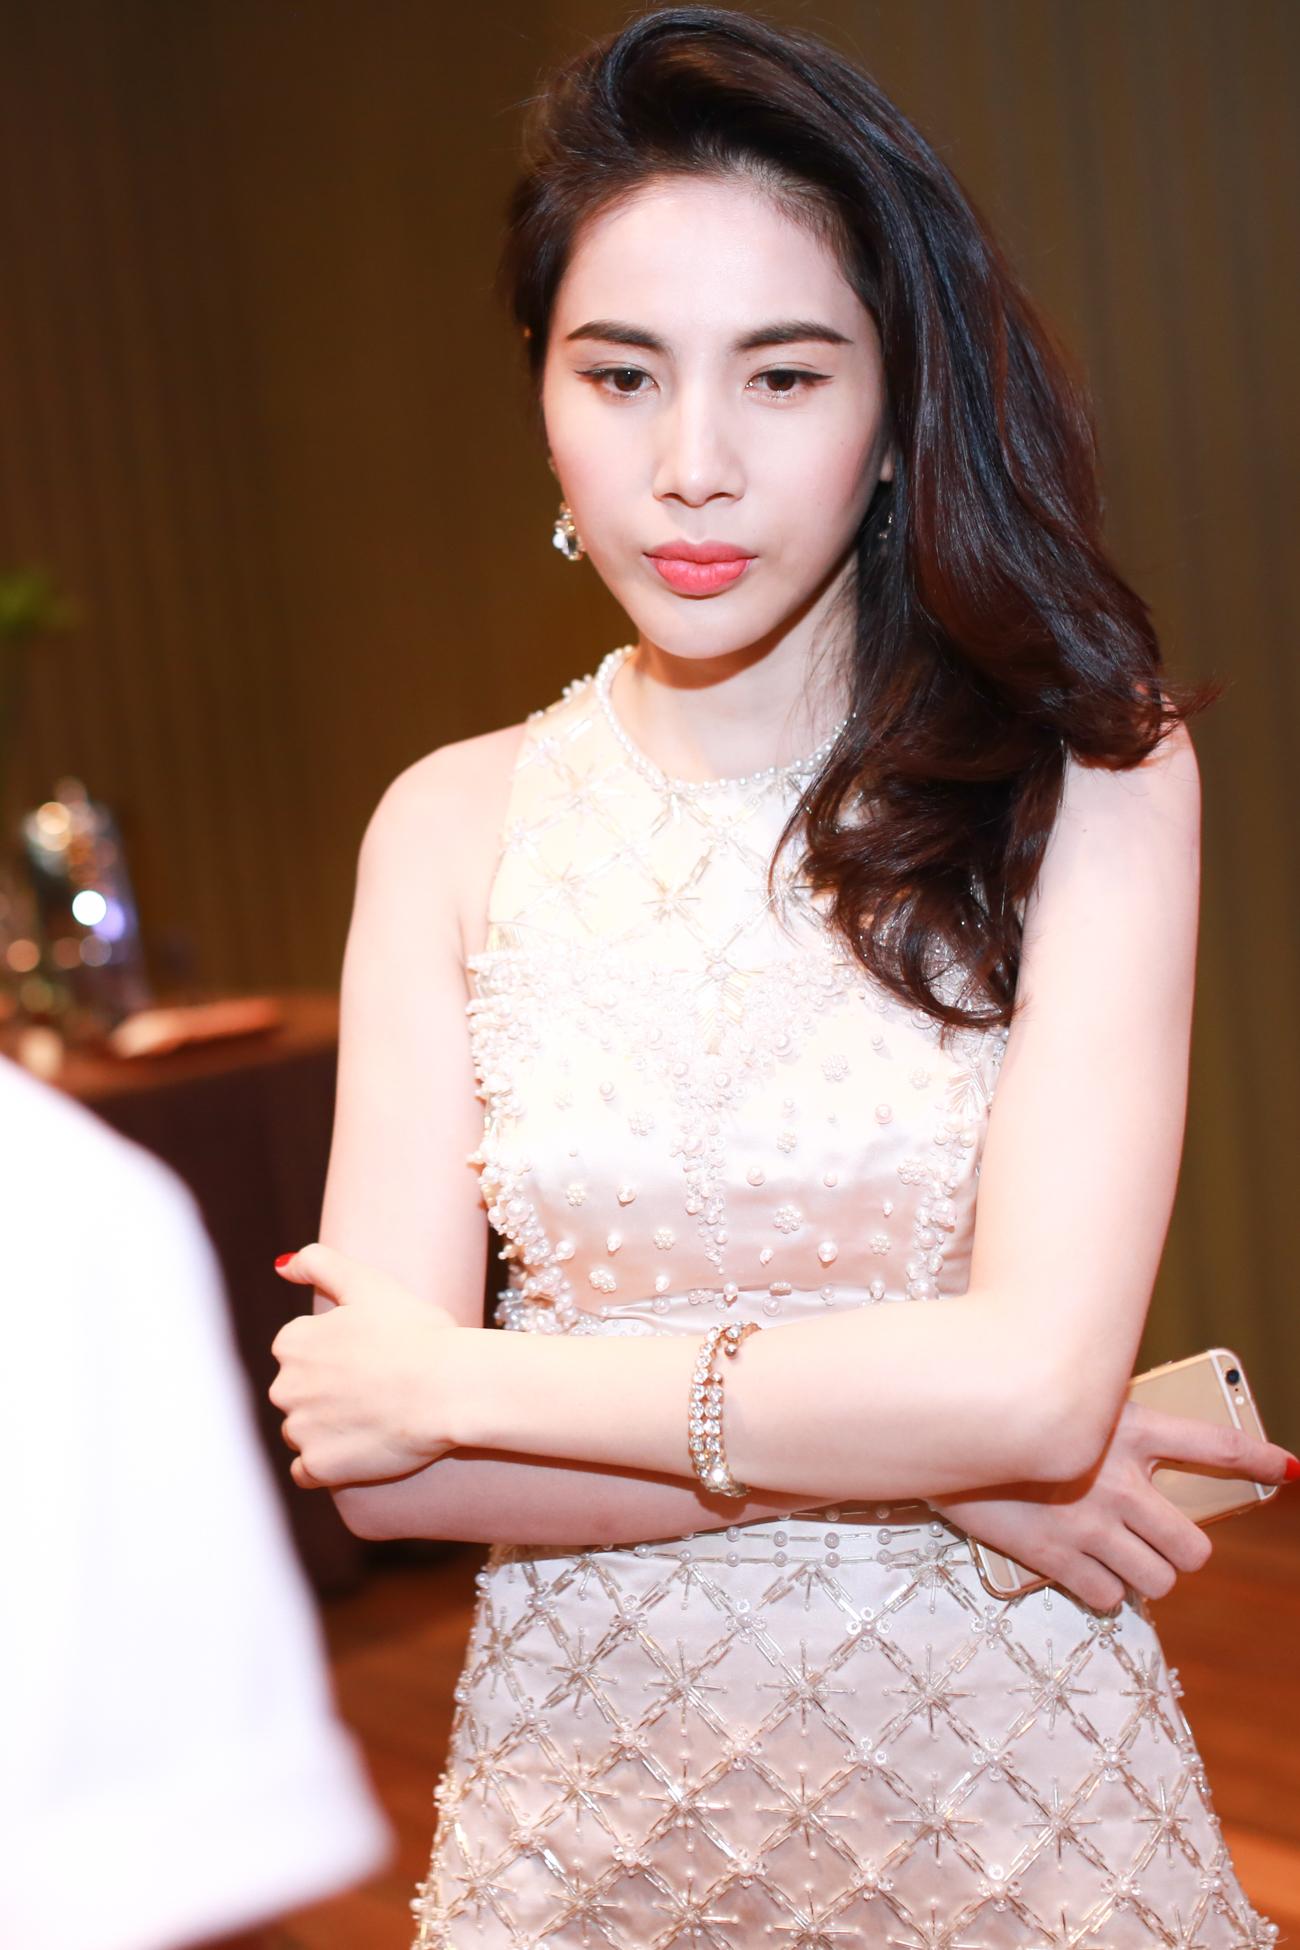 Con gái Đoan Trang mũm mĩm đáng yêu khi xuất hiện cùng mẹ - Ảnh 5